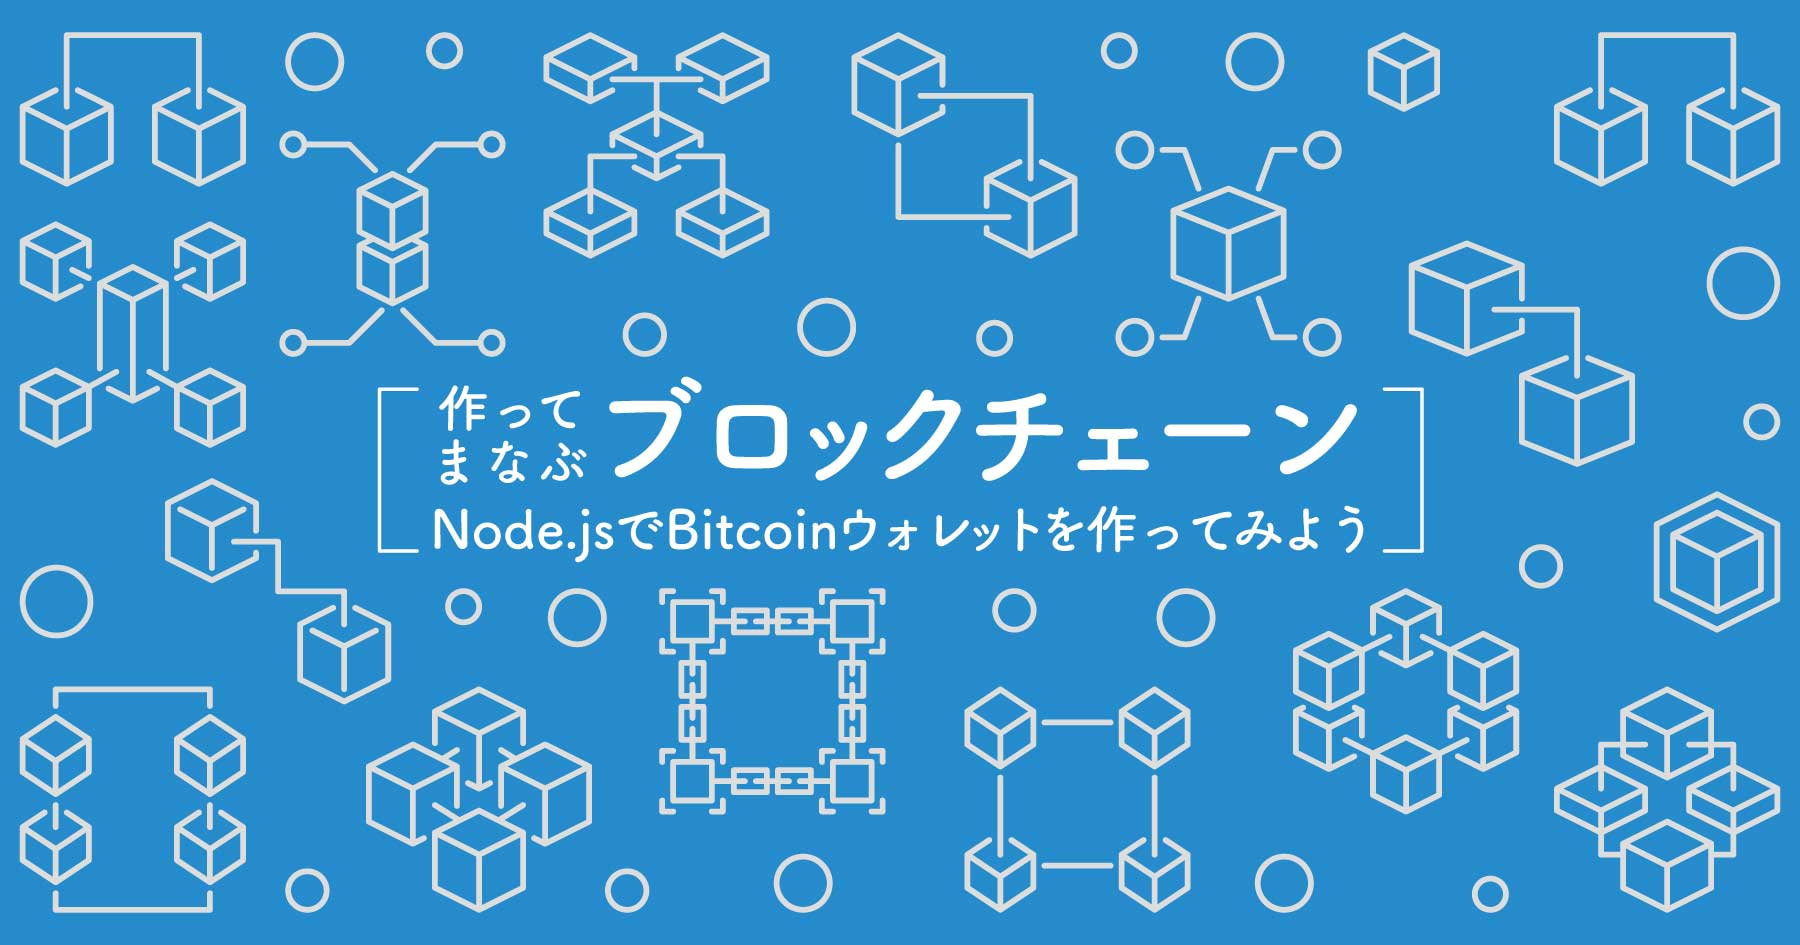 ブロックチェーン入門 ─ JavaScriptで学ぶブロックチェーンとBitcoinウォレットの仕組みと実装 #エンジニアHub - エンジニアHub|若手Webエンジニアのキャリアを考える!